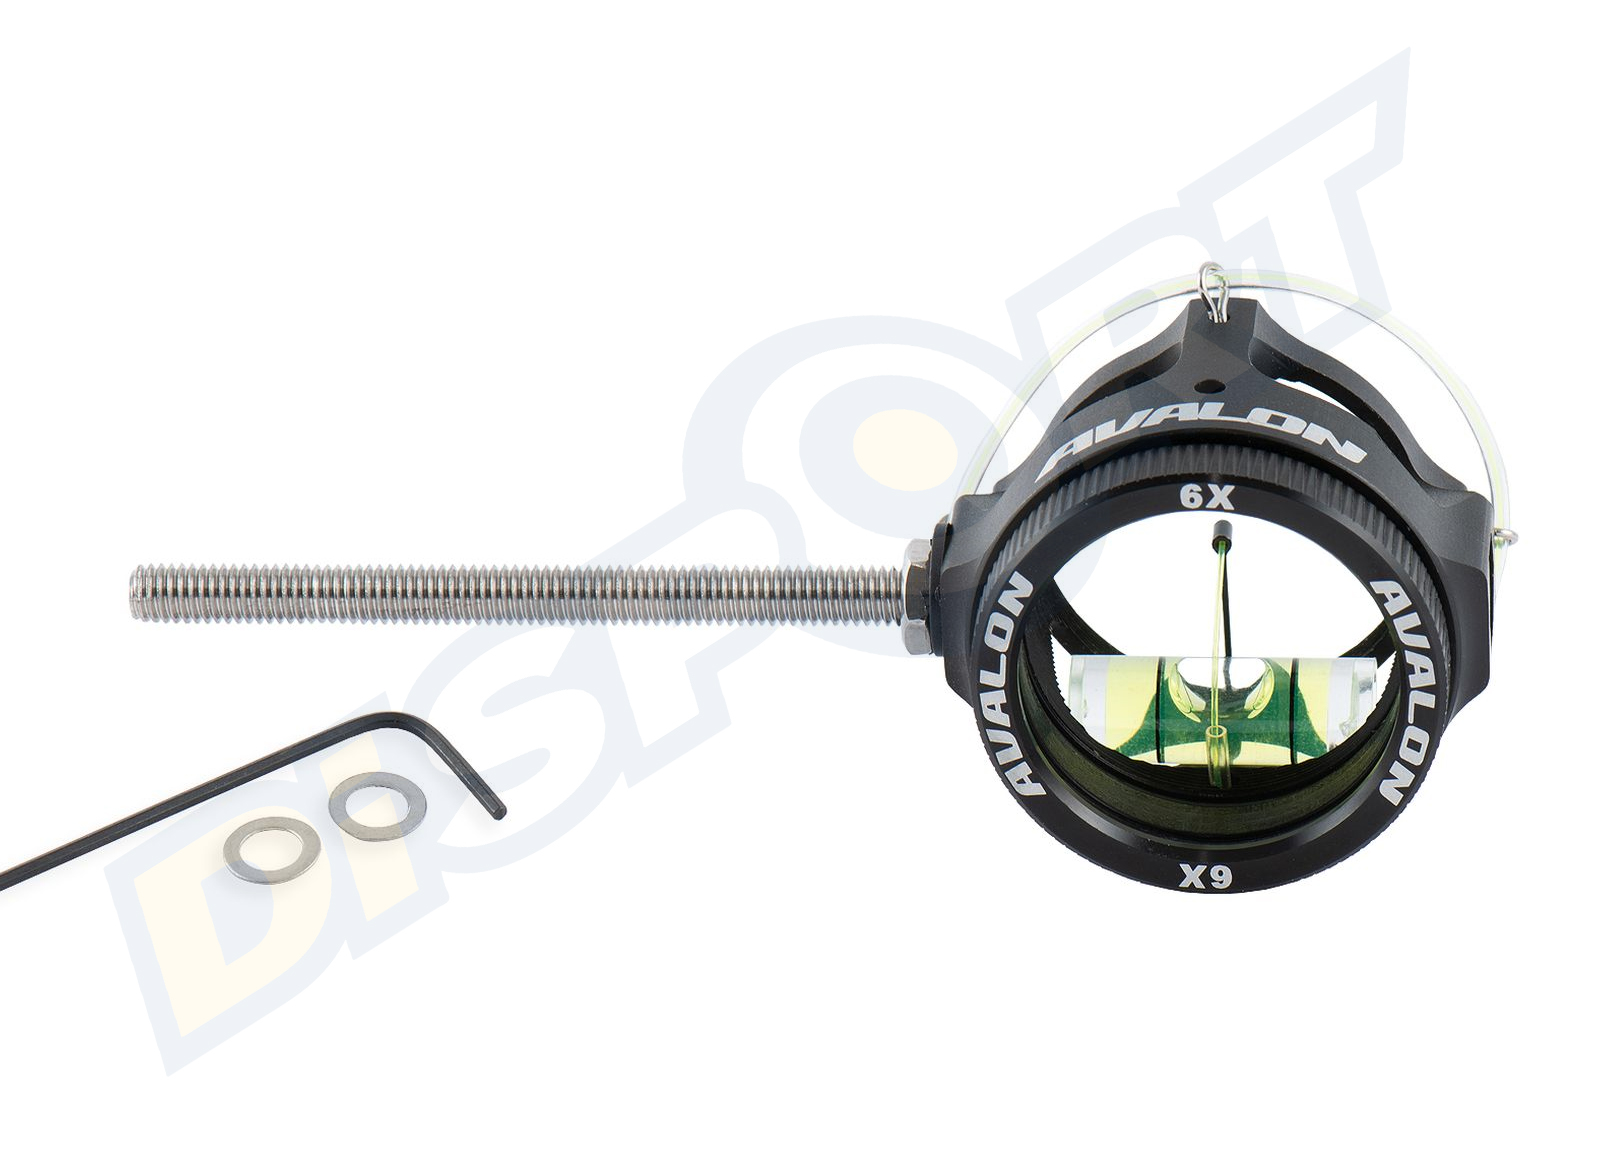 AVALON DIOTTRA SCOPE PER COMPOUND TEC X 29MM